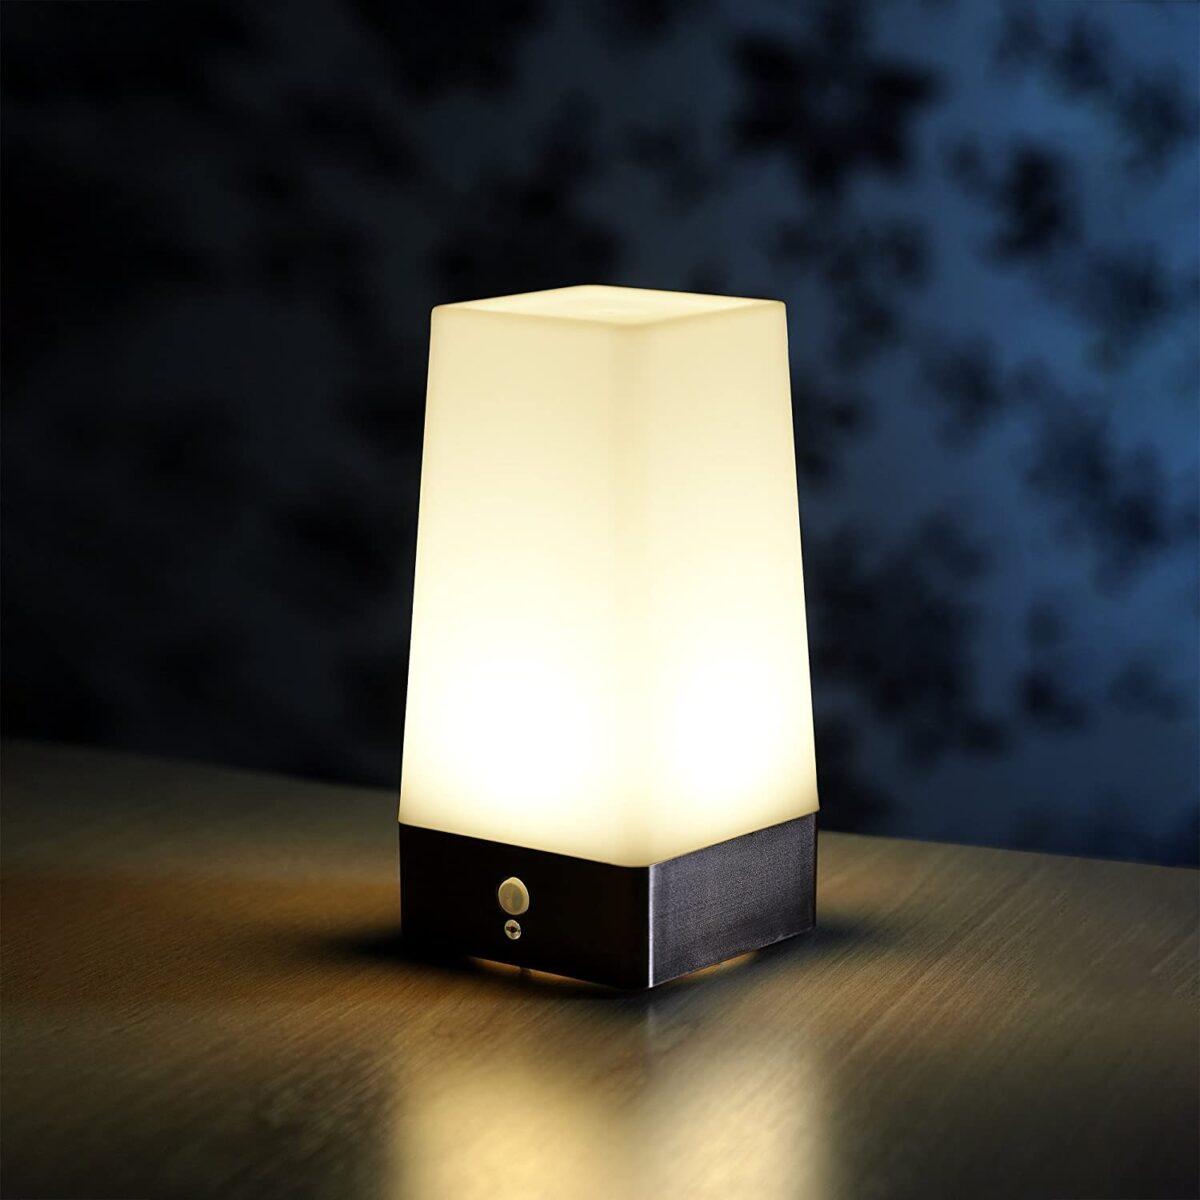 lampada-senza-fili10